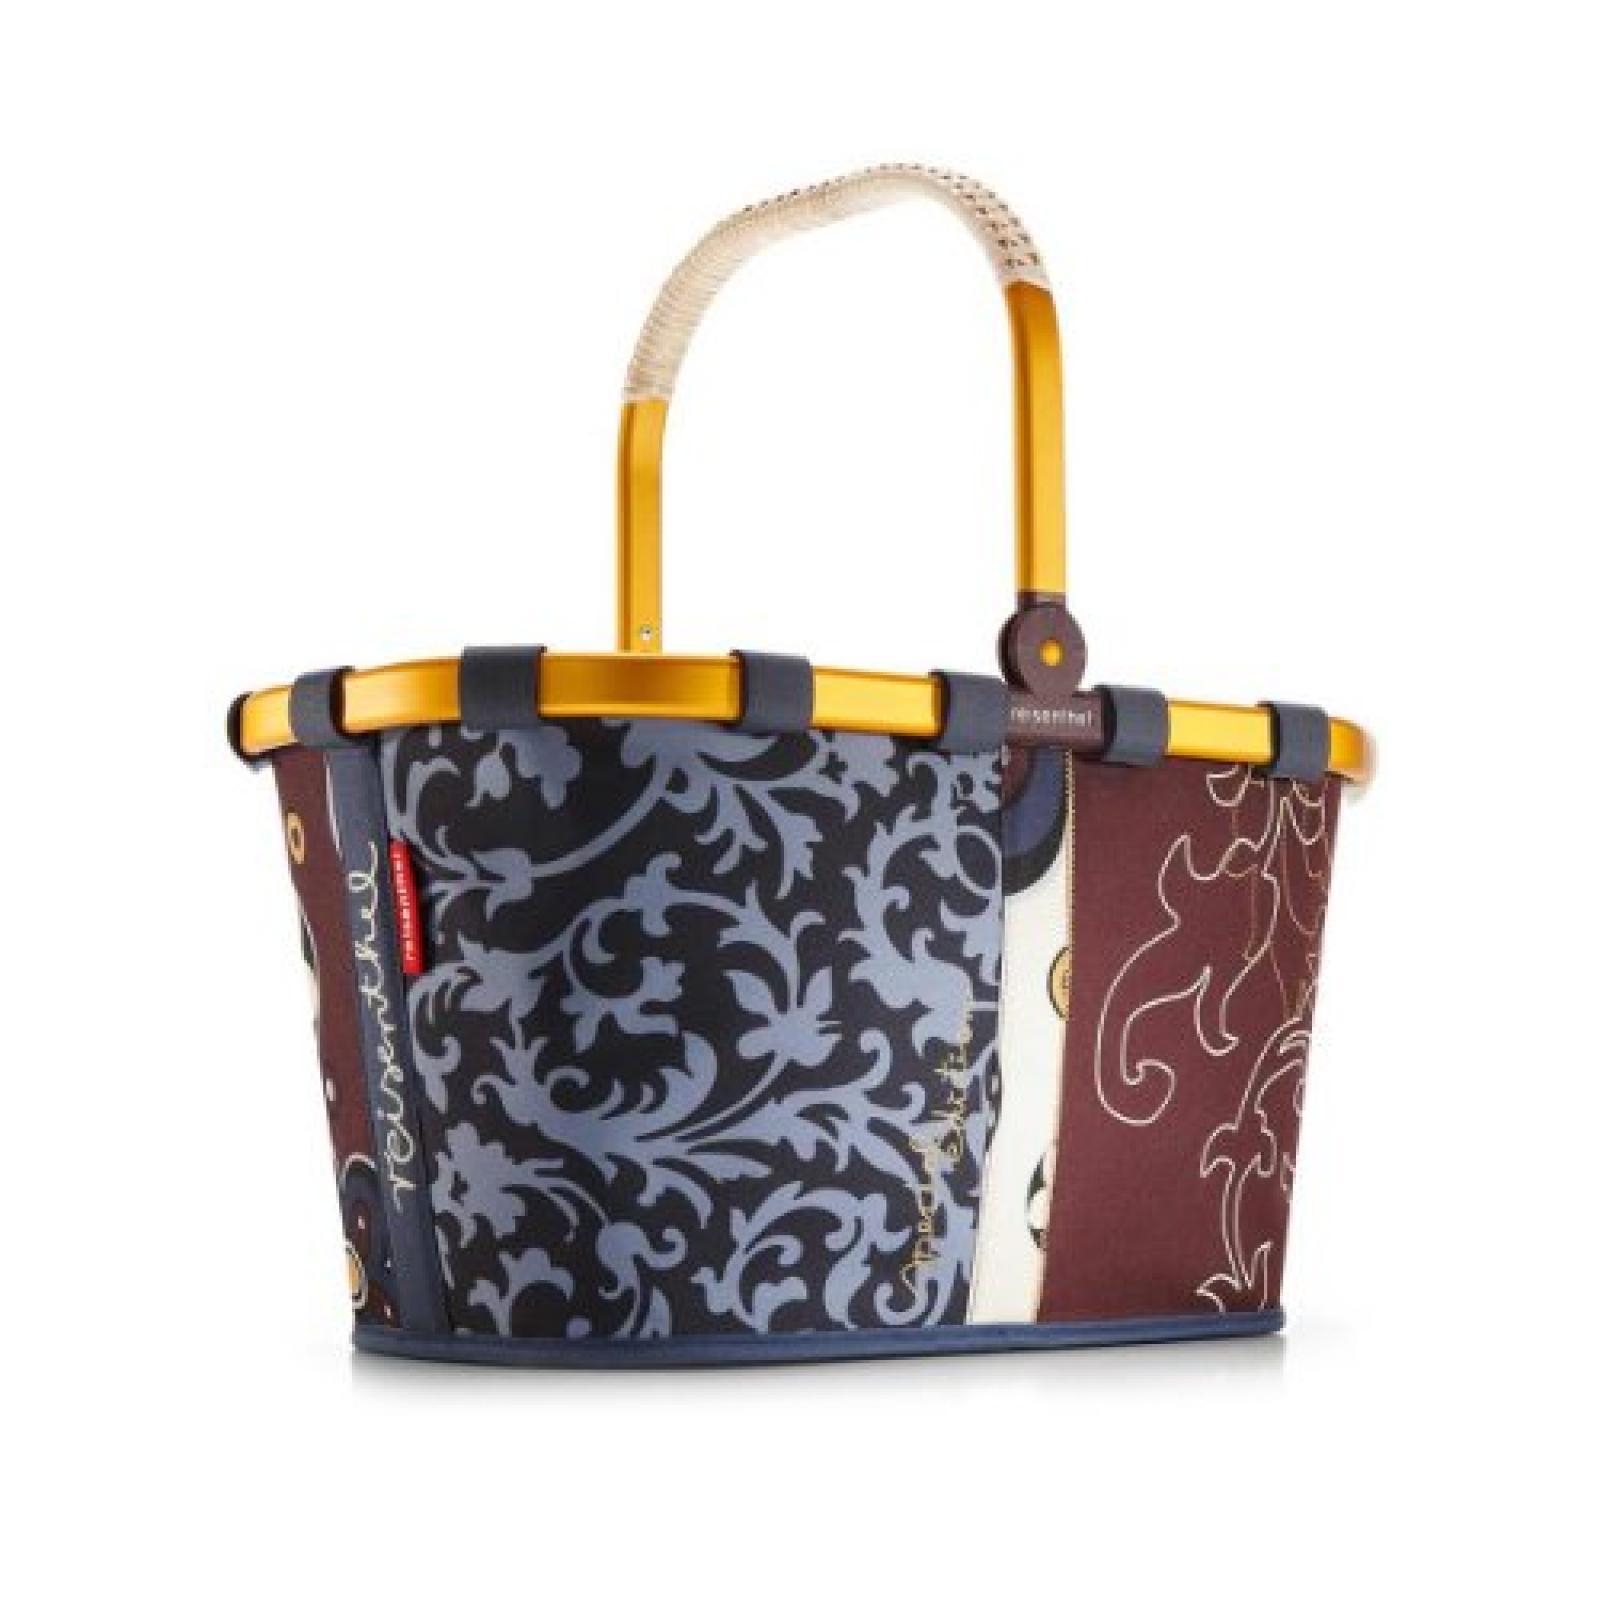 reisenthel carrybag Einkaufskorb Henkelkorb Picknickkorb - Farbe , Dekor zur Auswahl